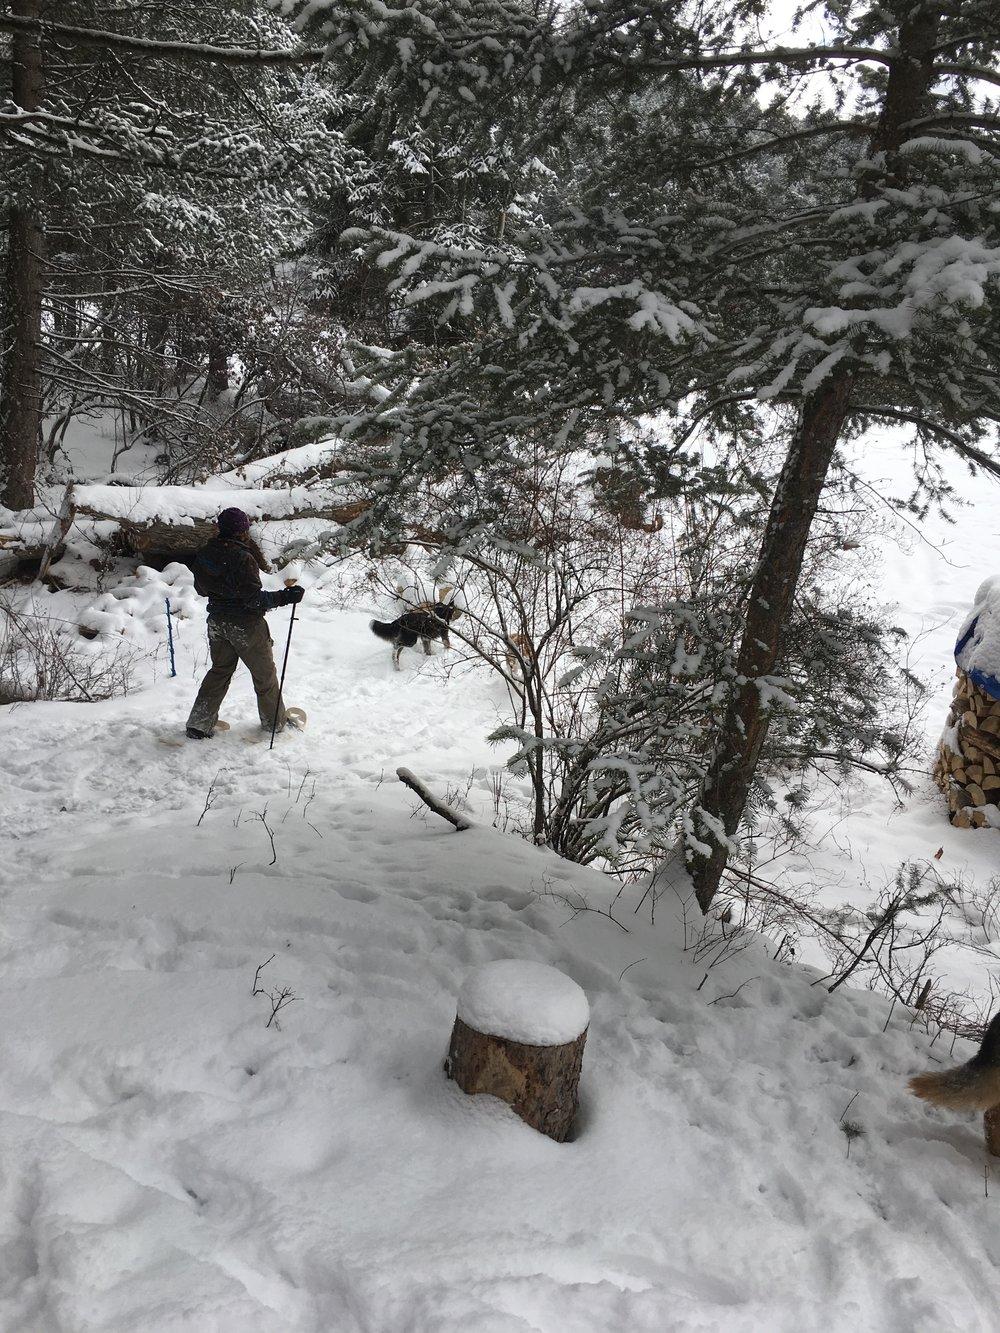 snowtent snowshoe action.jpg